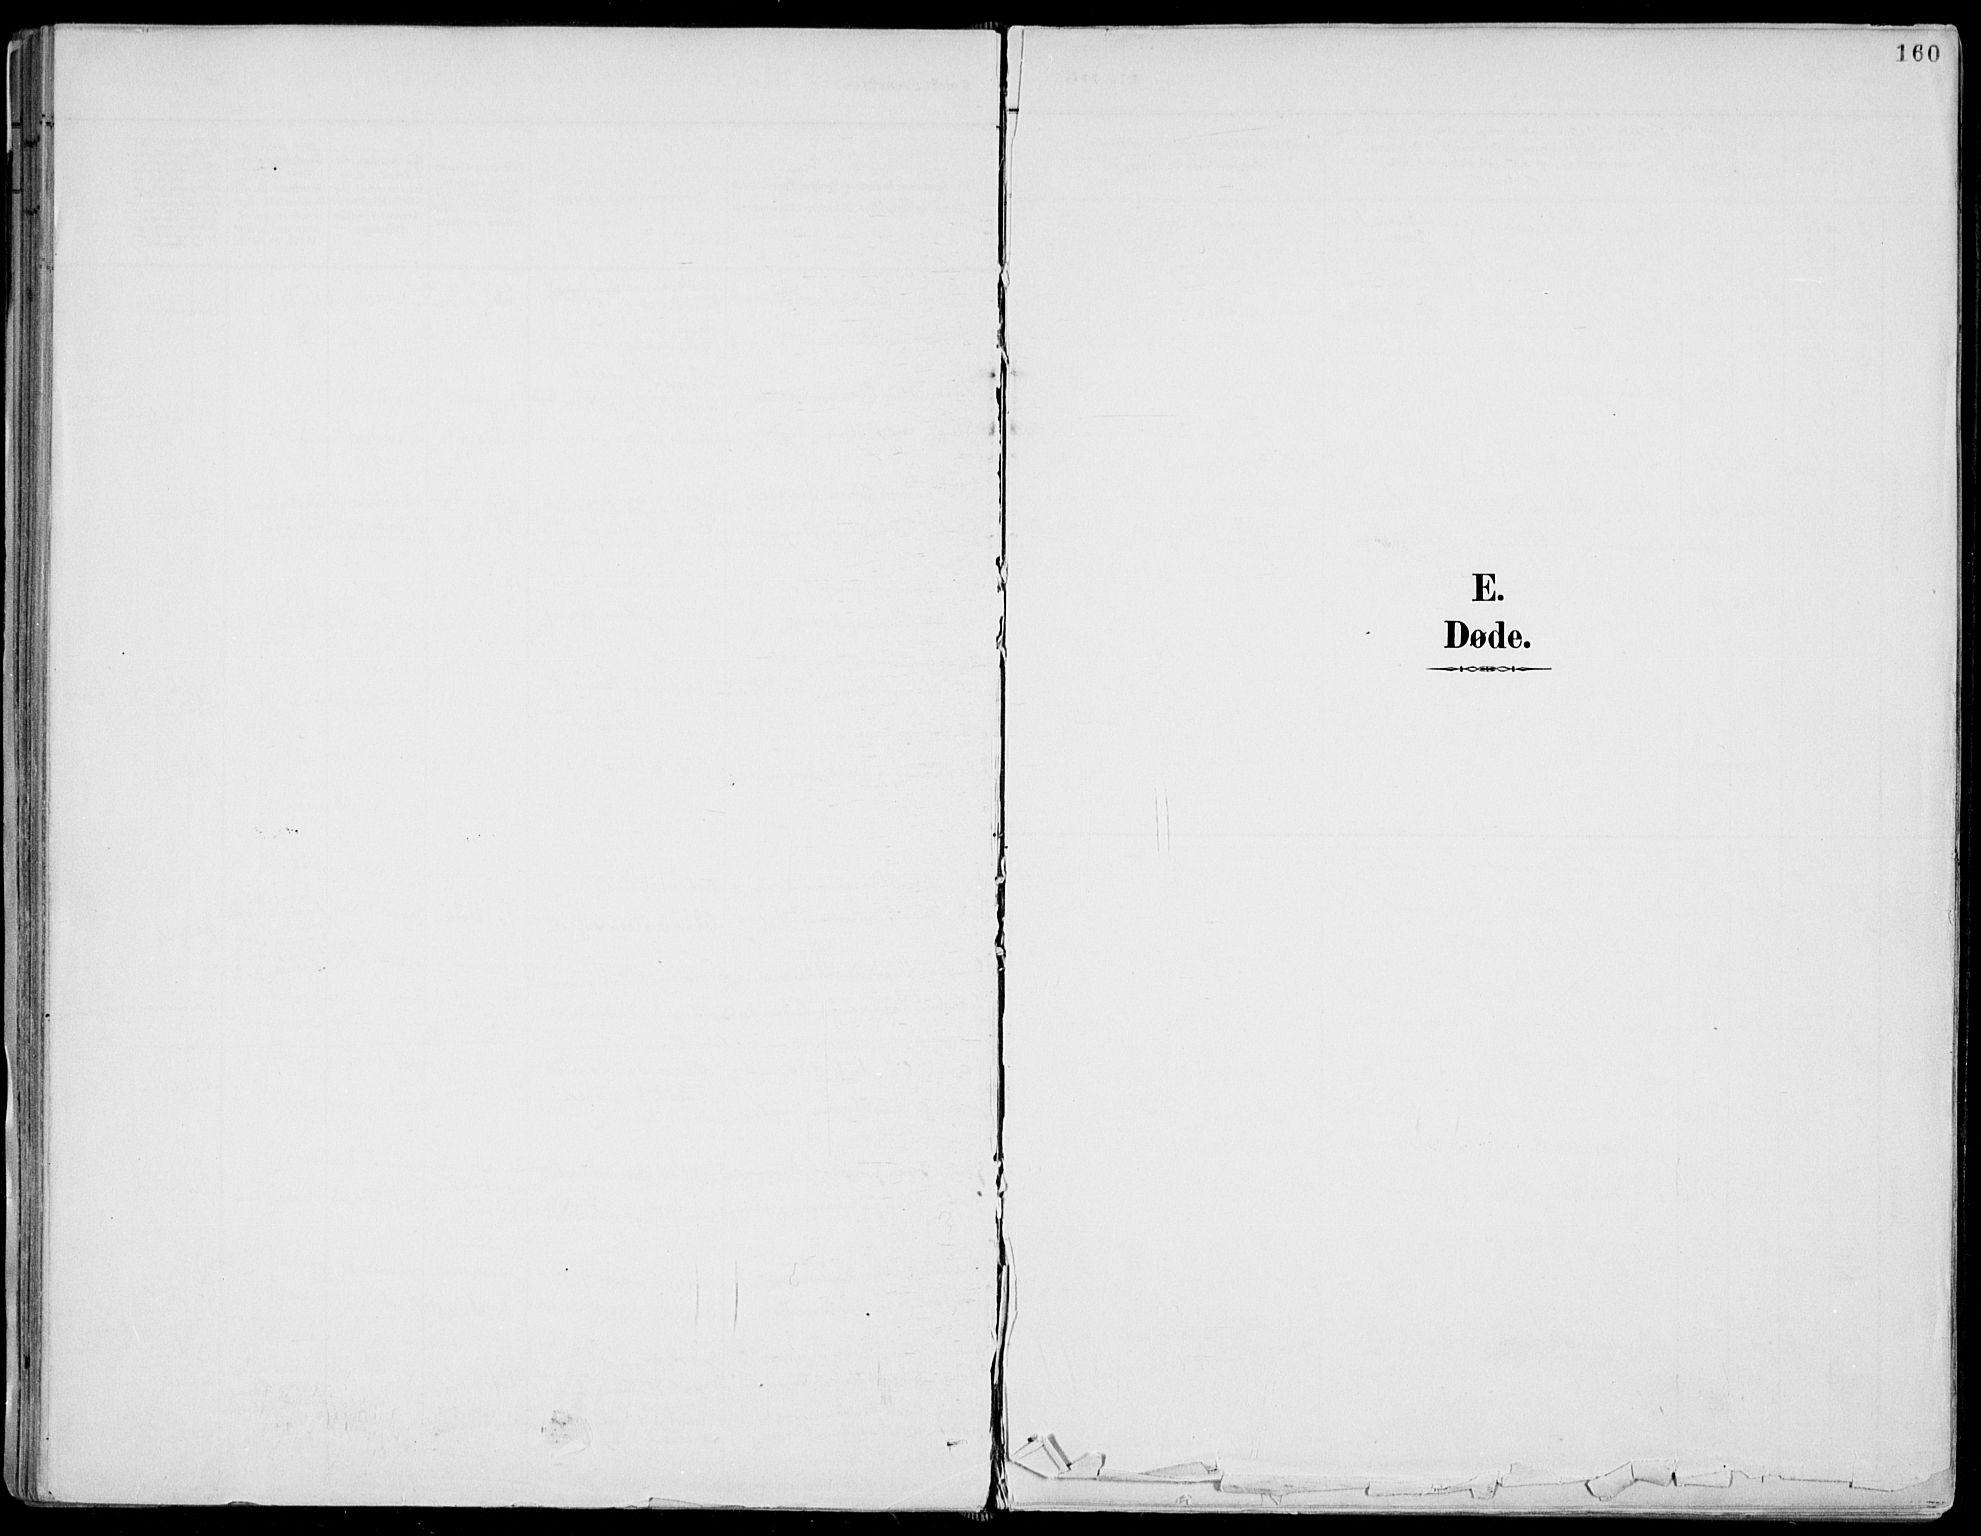 SAKO, Fyresdal kirkebøker, F/Fa/L0007: Ministerialbok nr. I 7, 1887-1914, s. 160